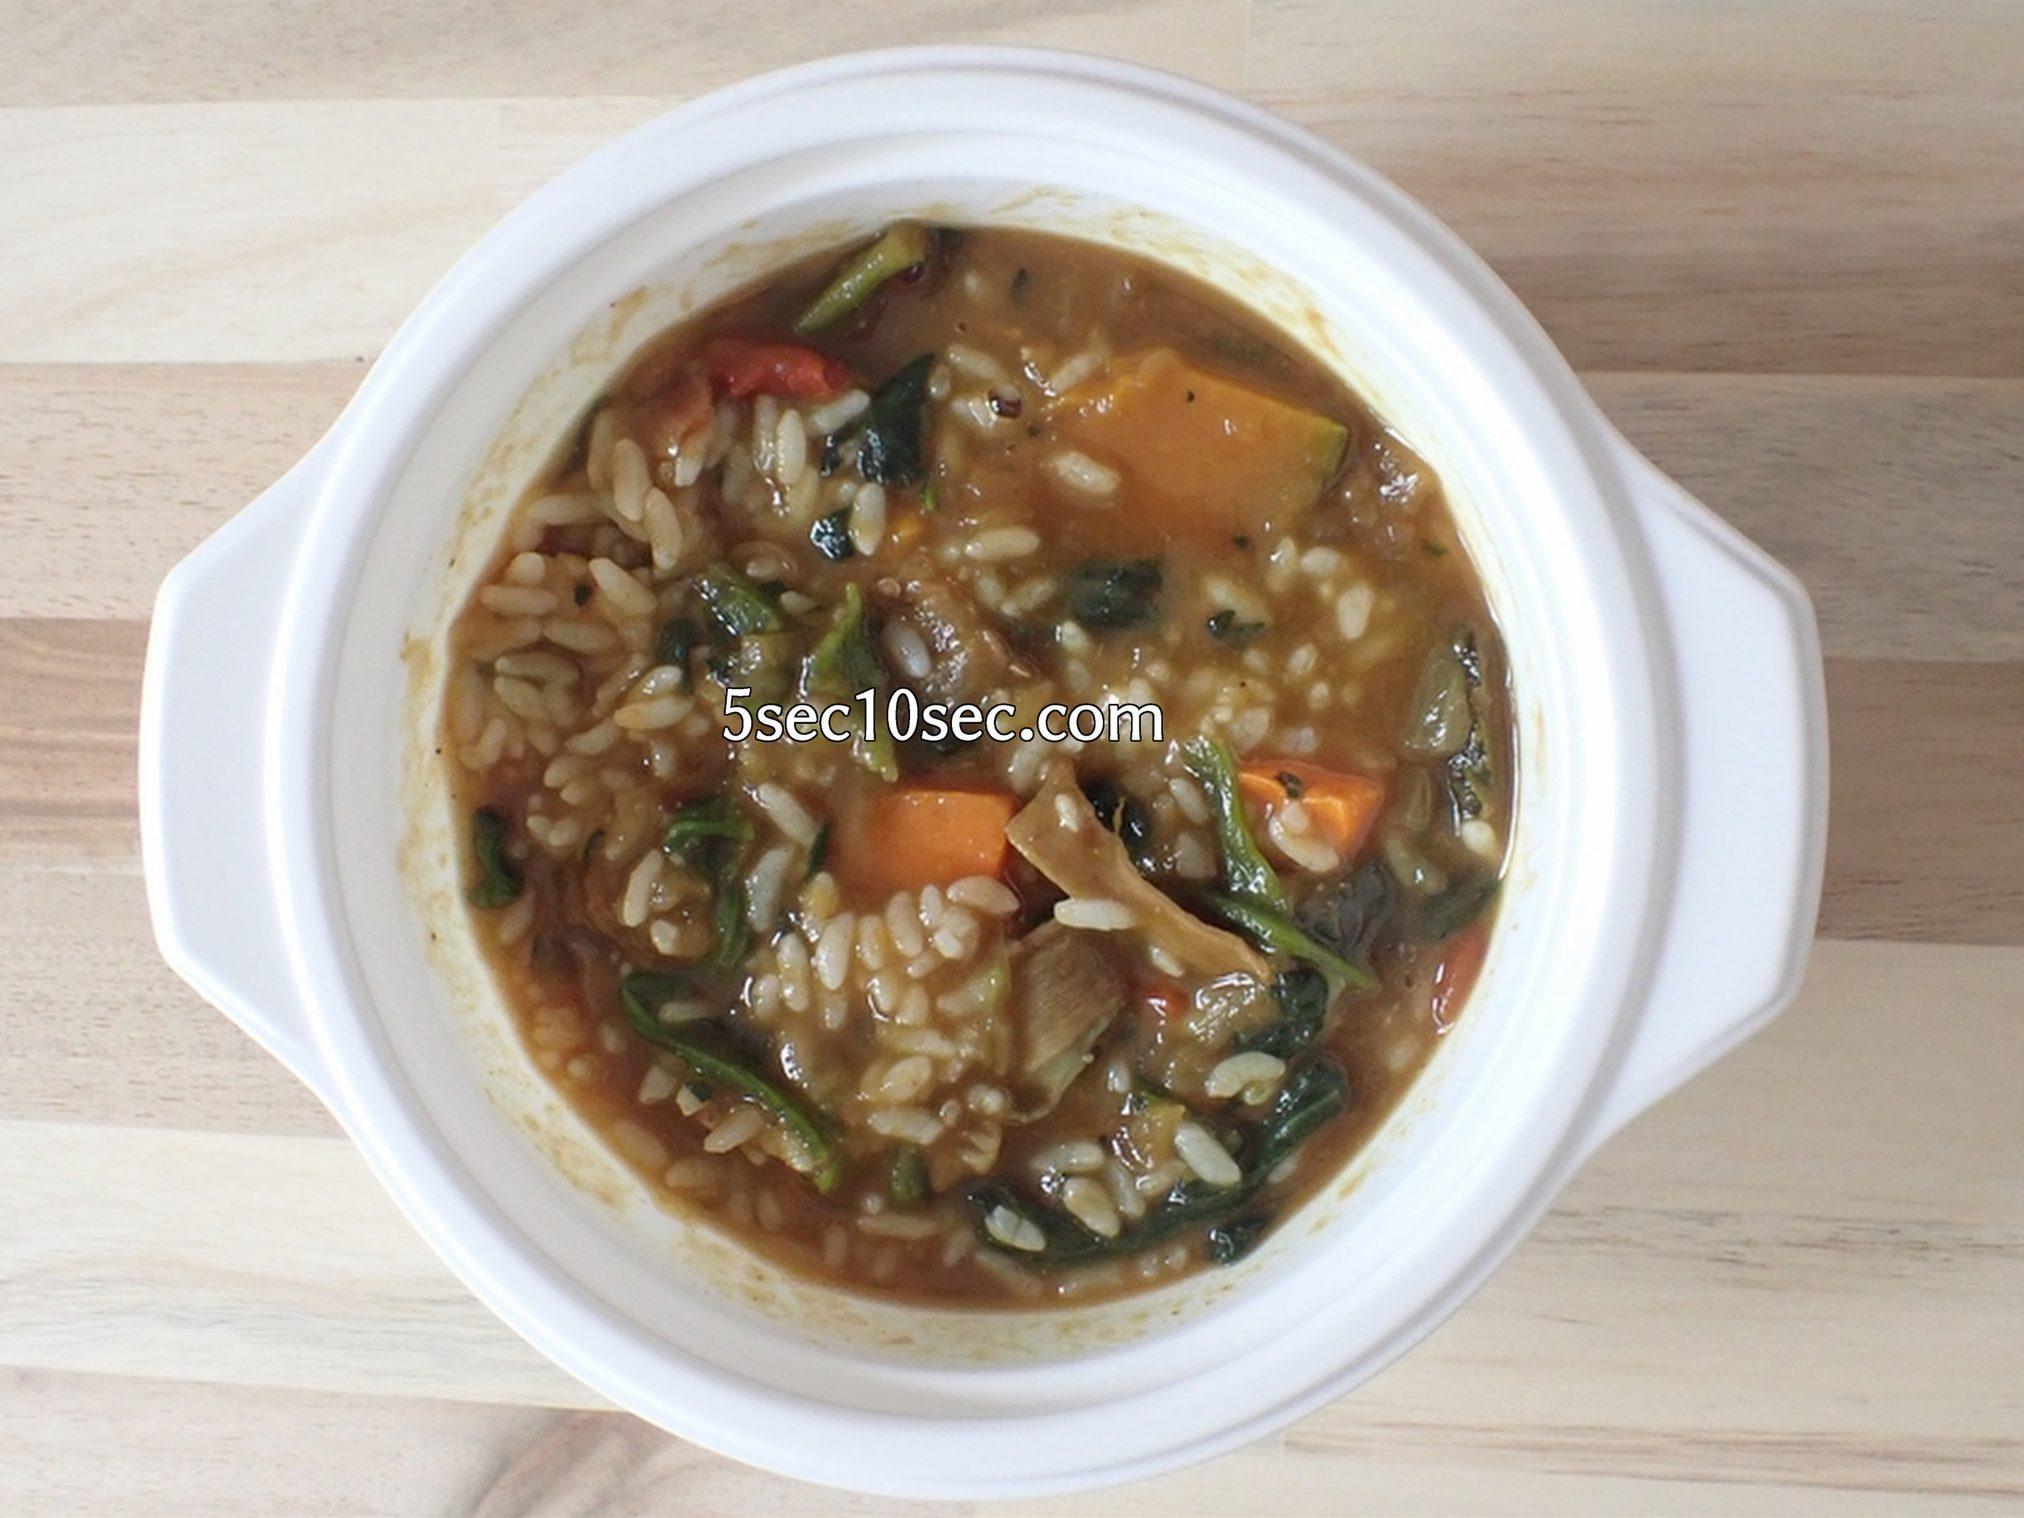 宅配健康食 ウェルネスダイニング ベジ活スープ食 野菜カレー アレンジ 炊いた白米を混ぜてカレーリゾットも楽しめます